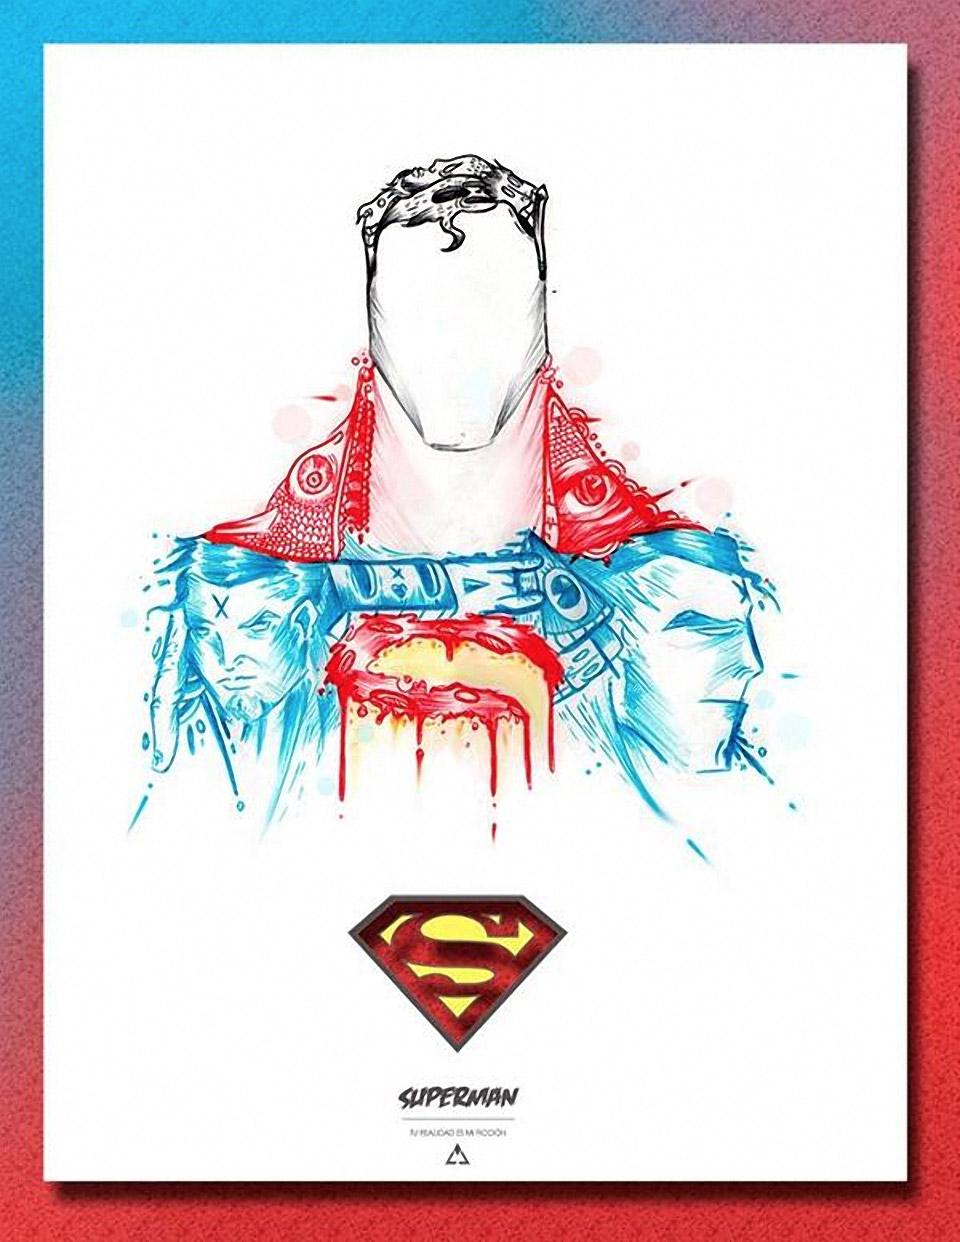 DC Comics Superheroes Sketches